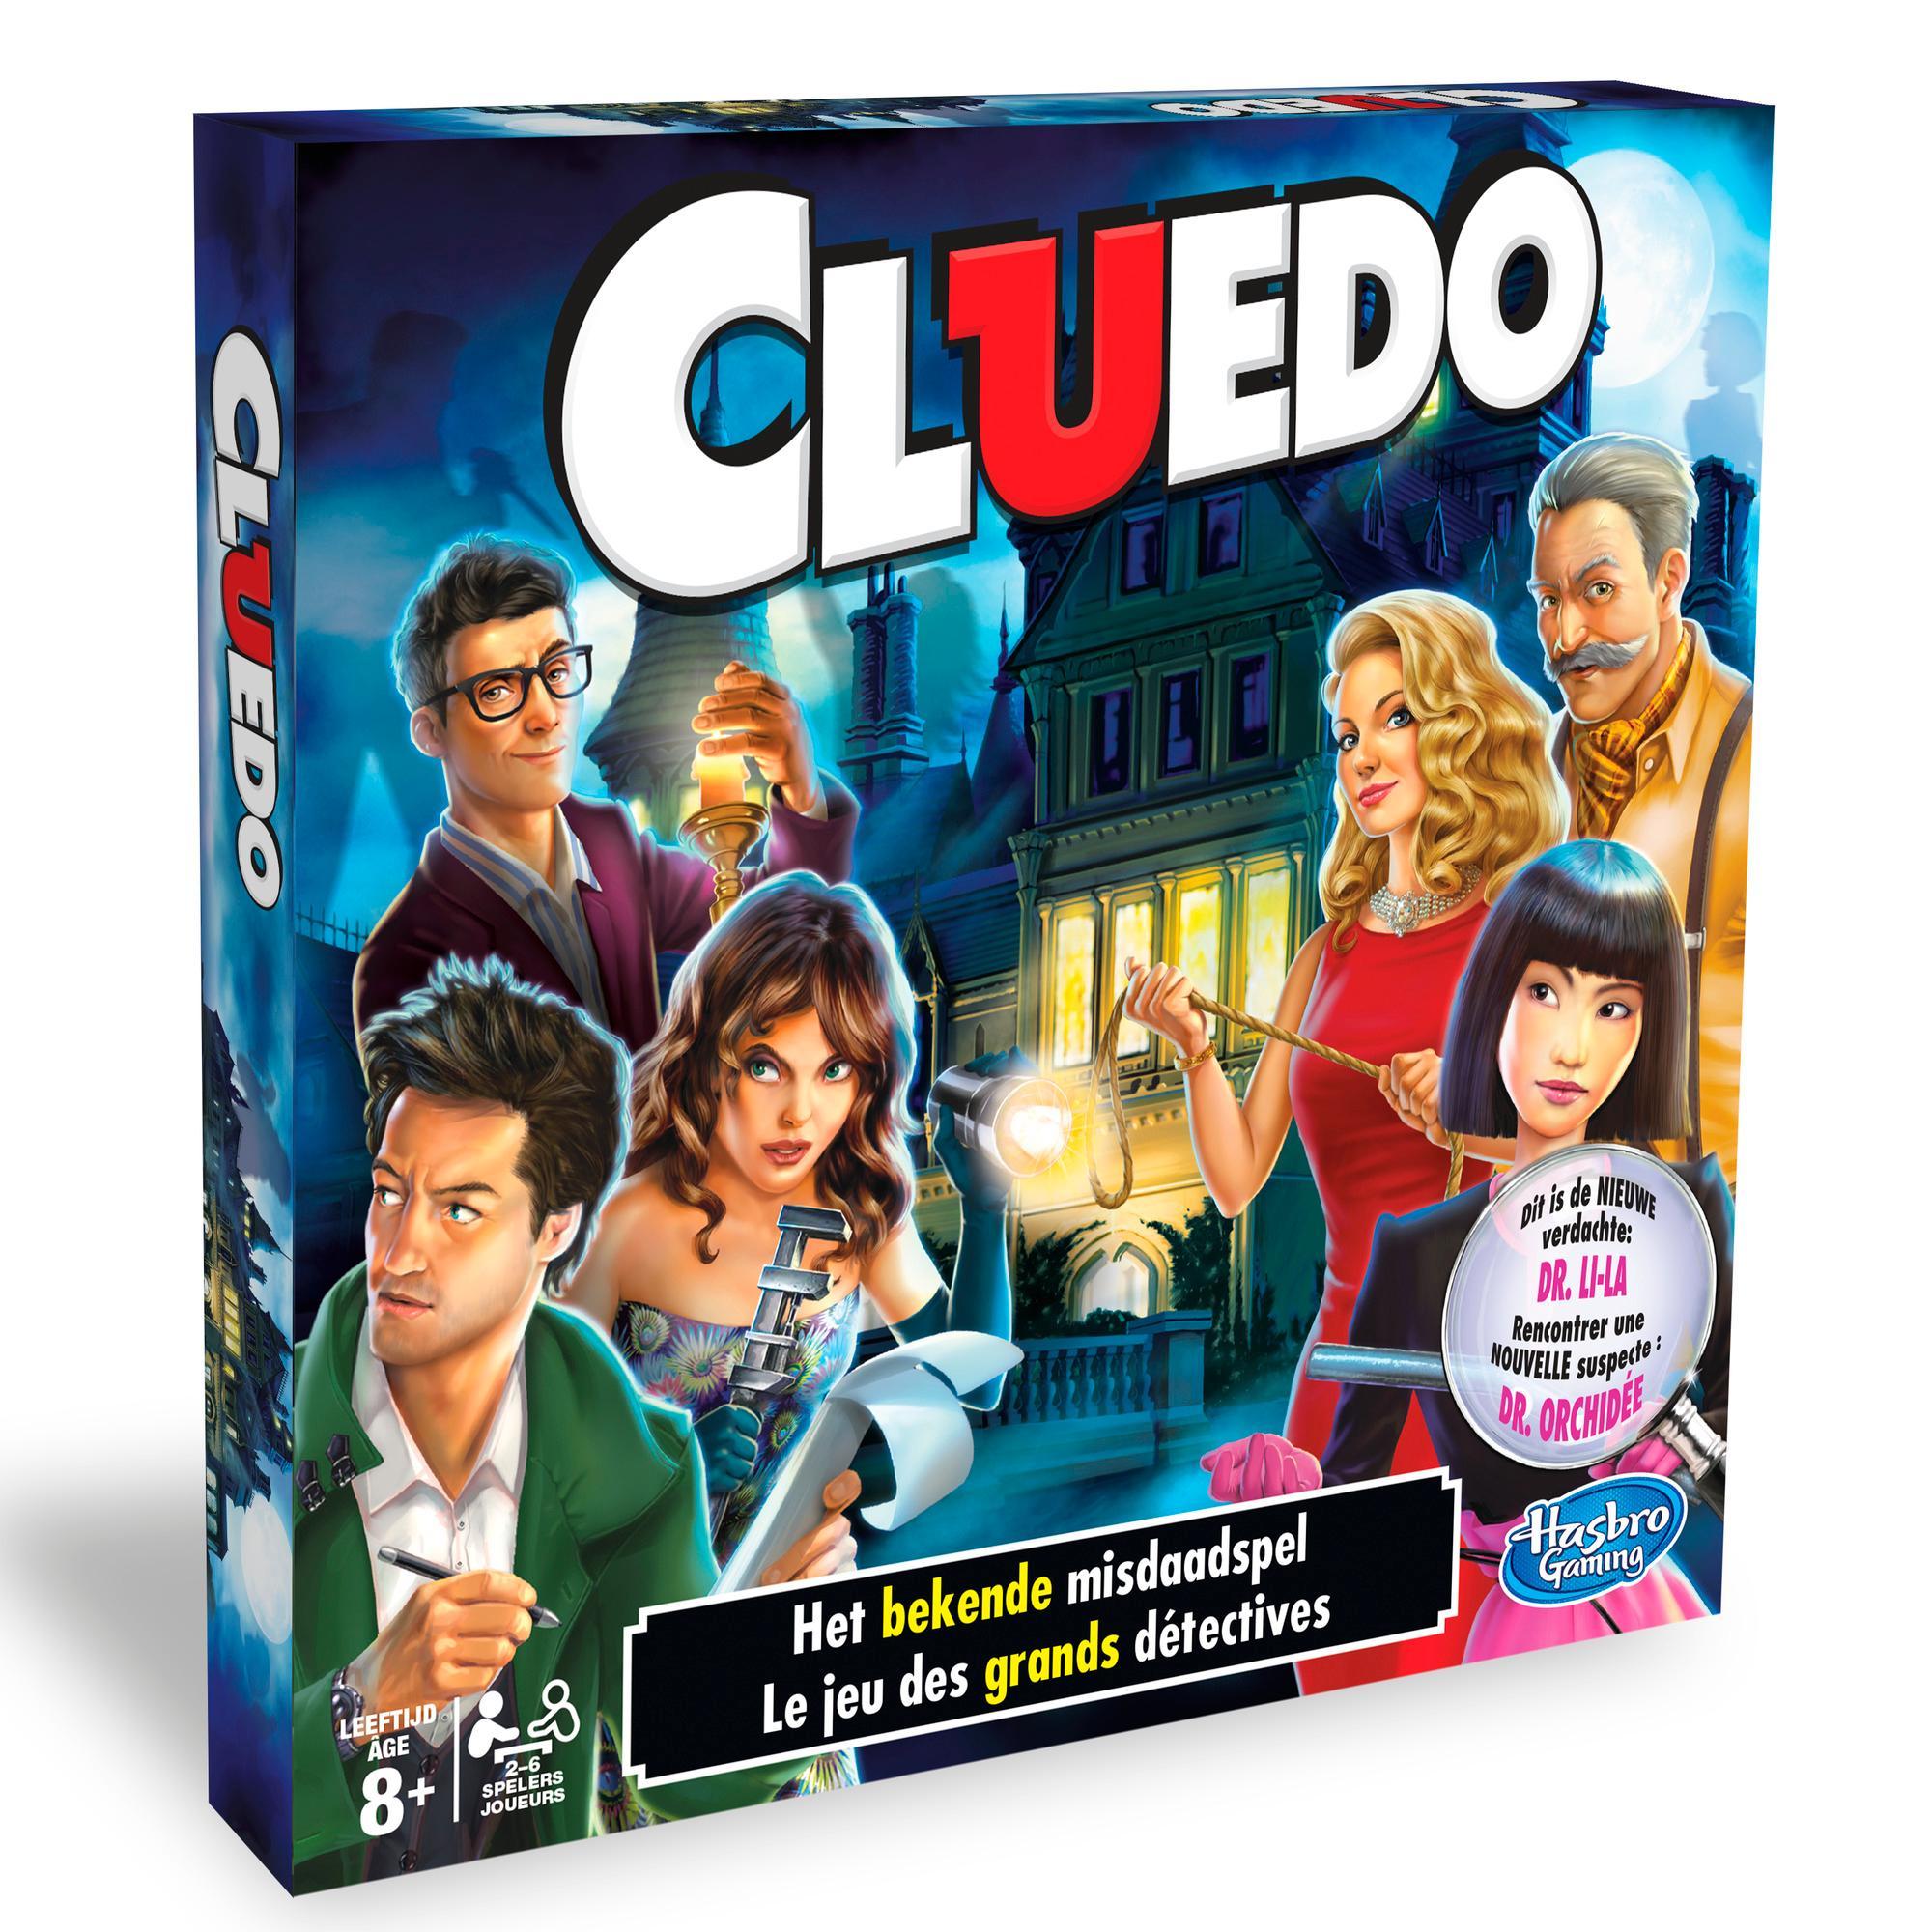 Cluedo Édition 2013